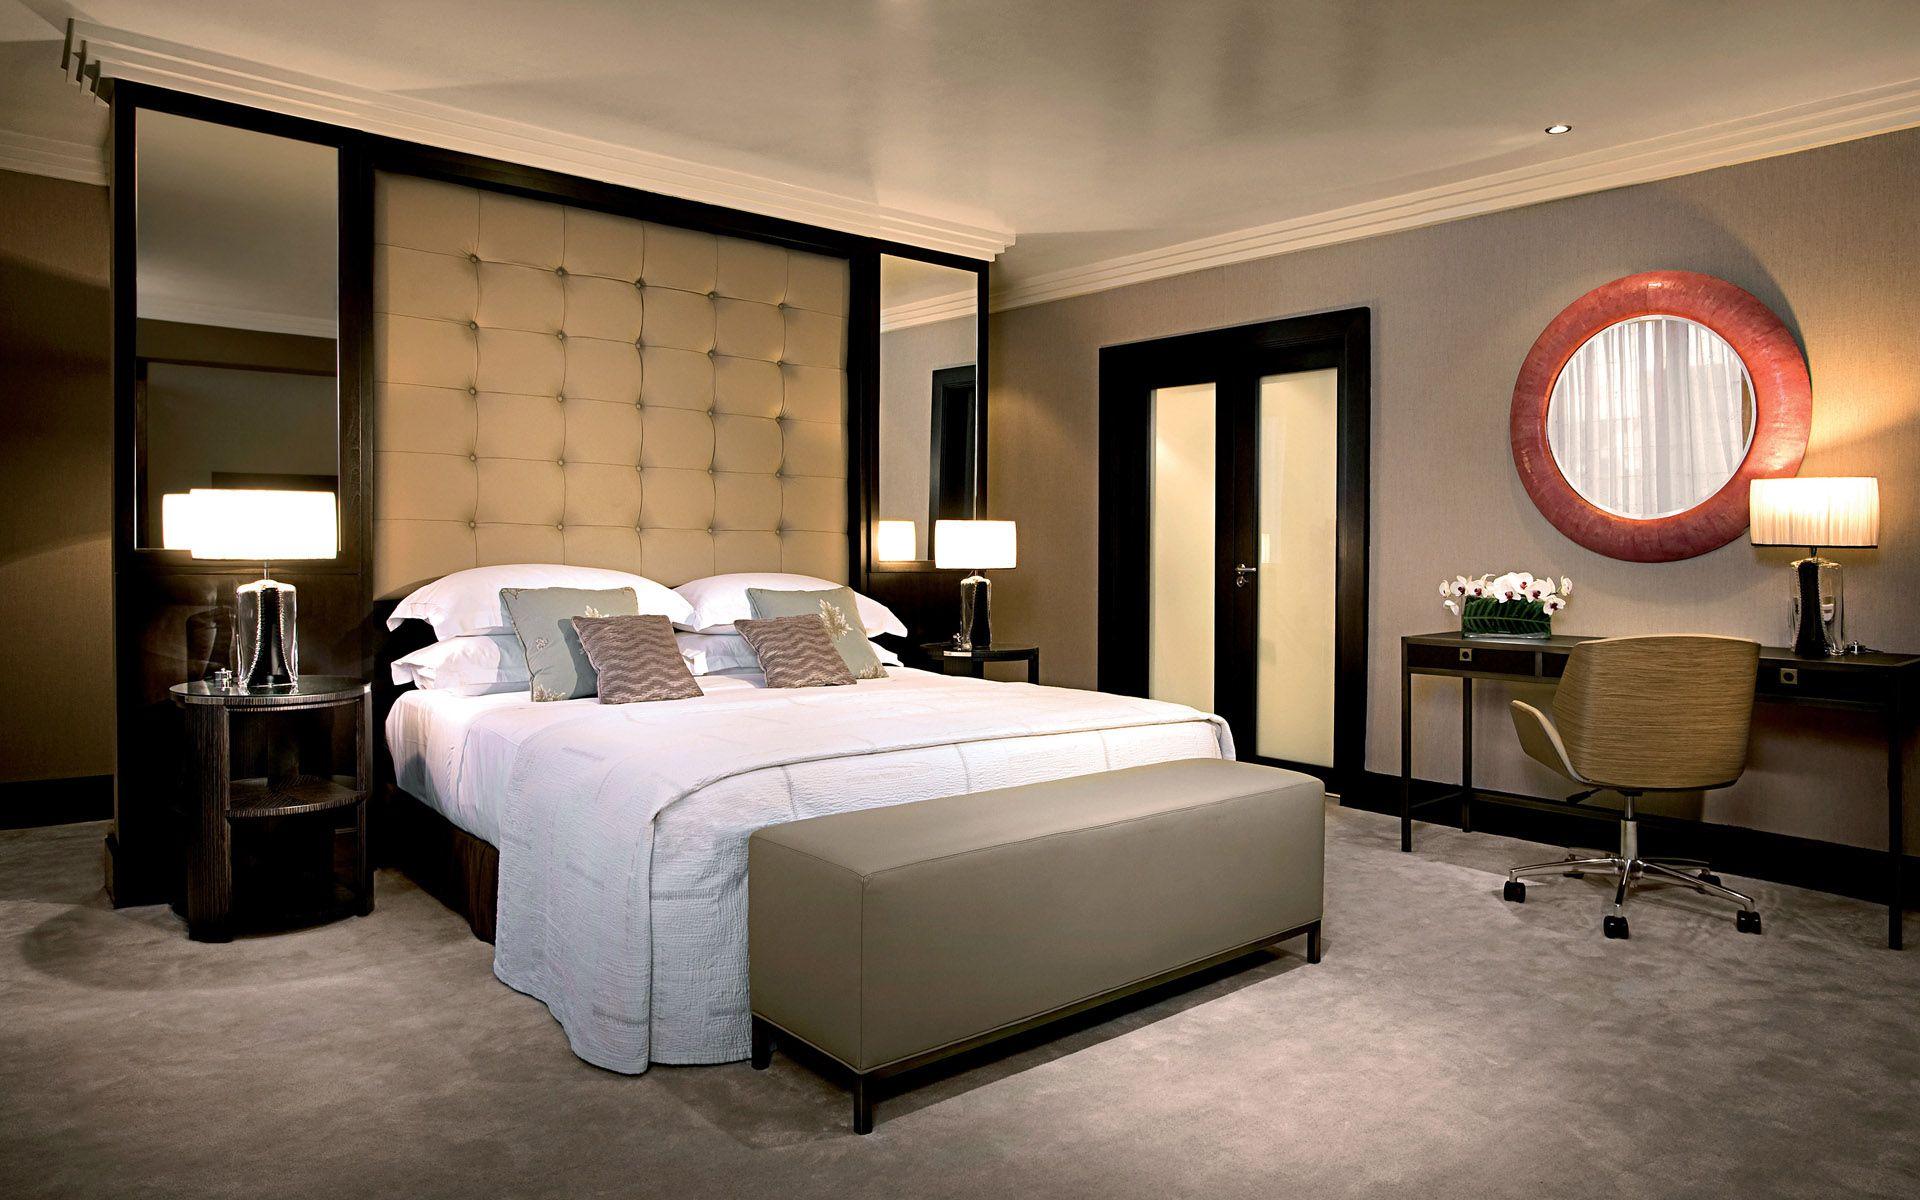 Идеи интерьера спальной комнаты фото